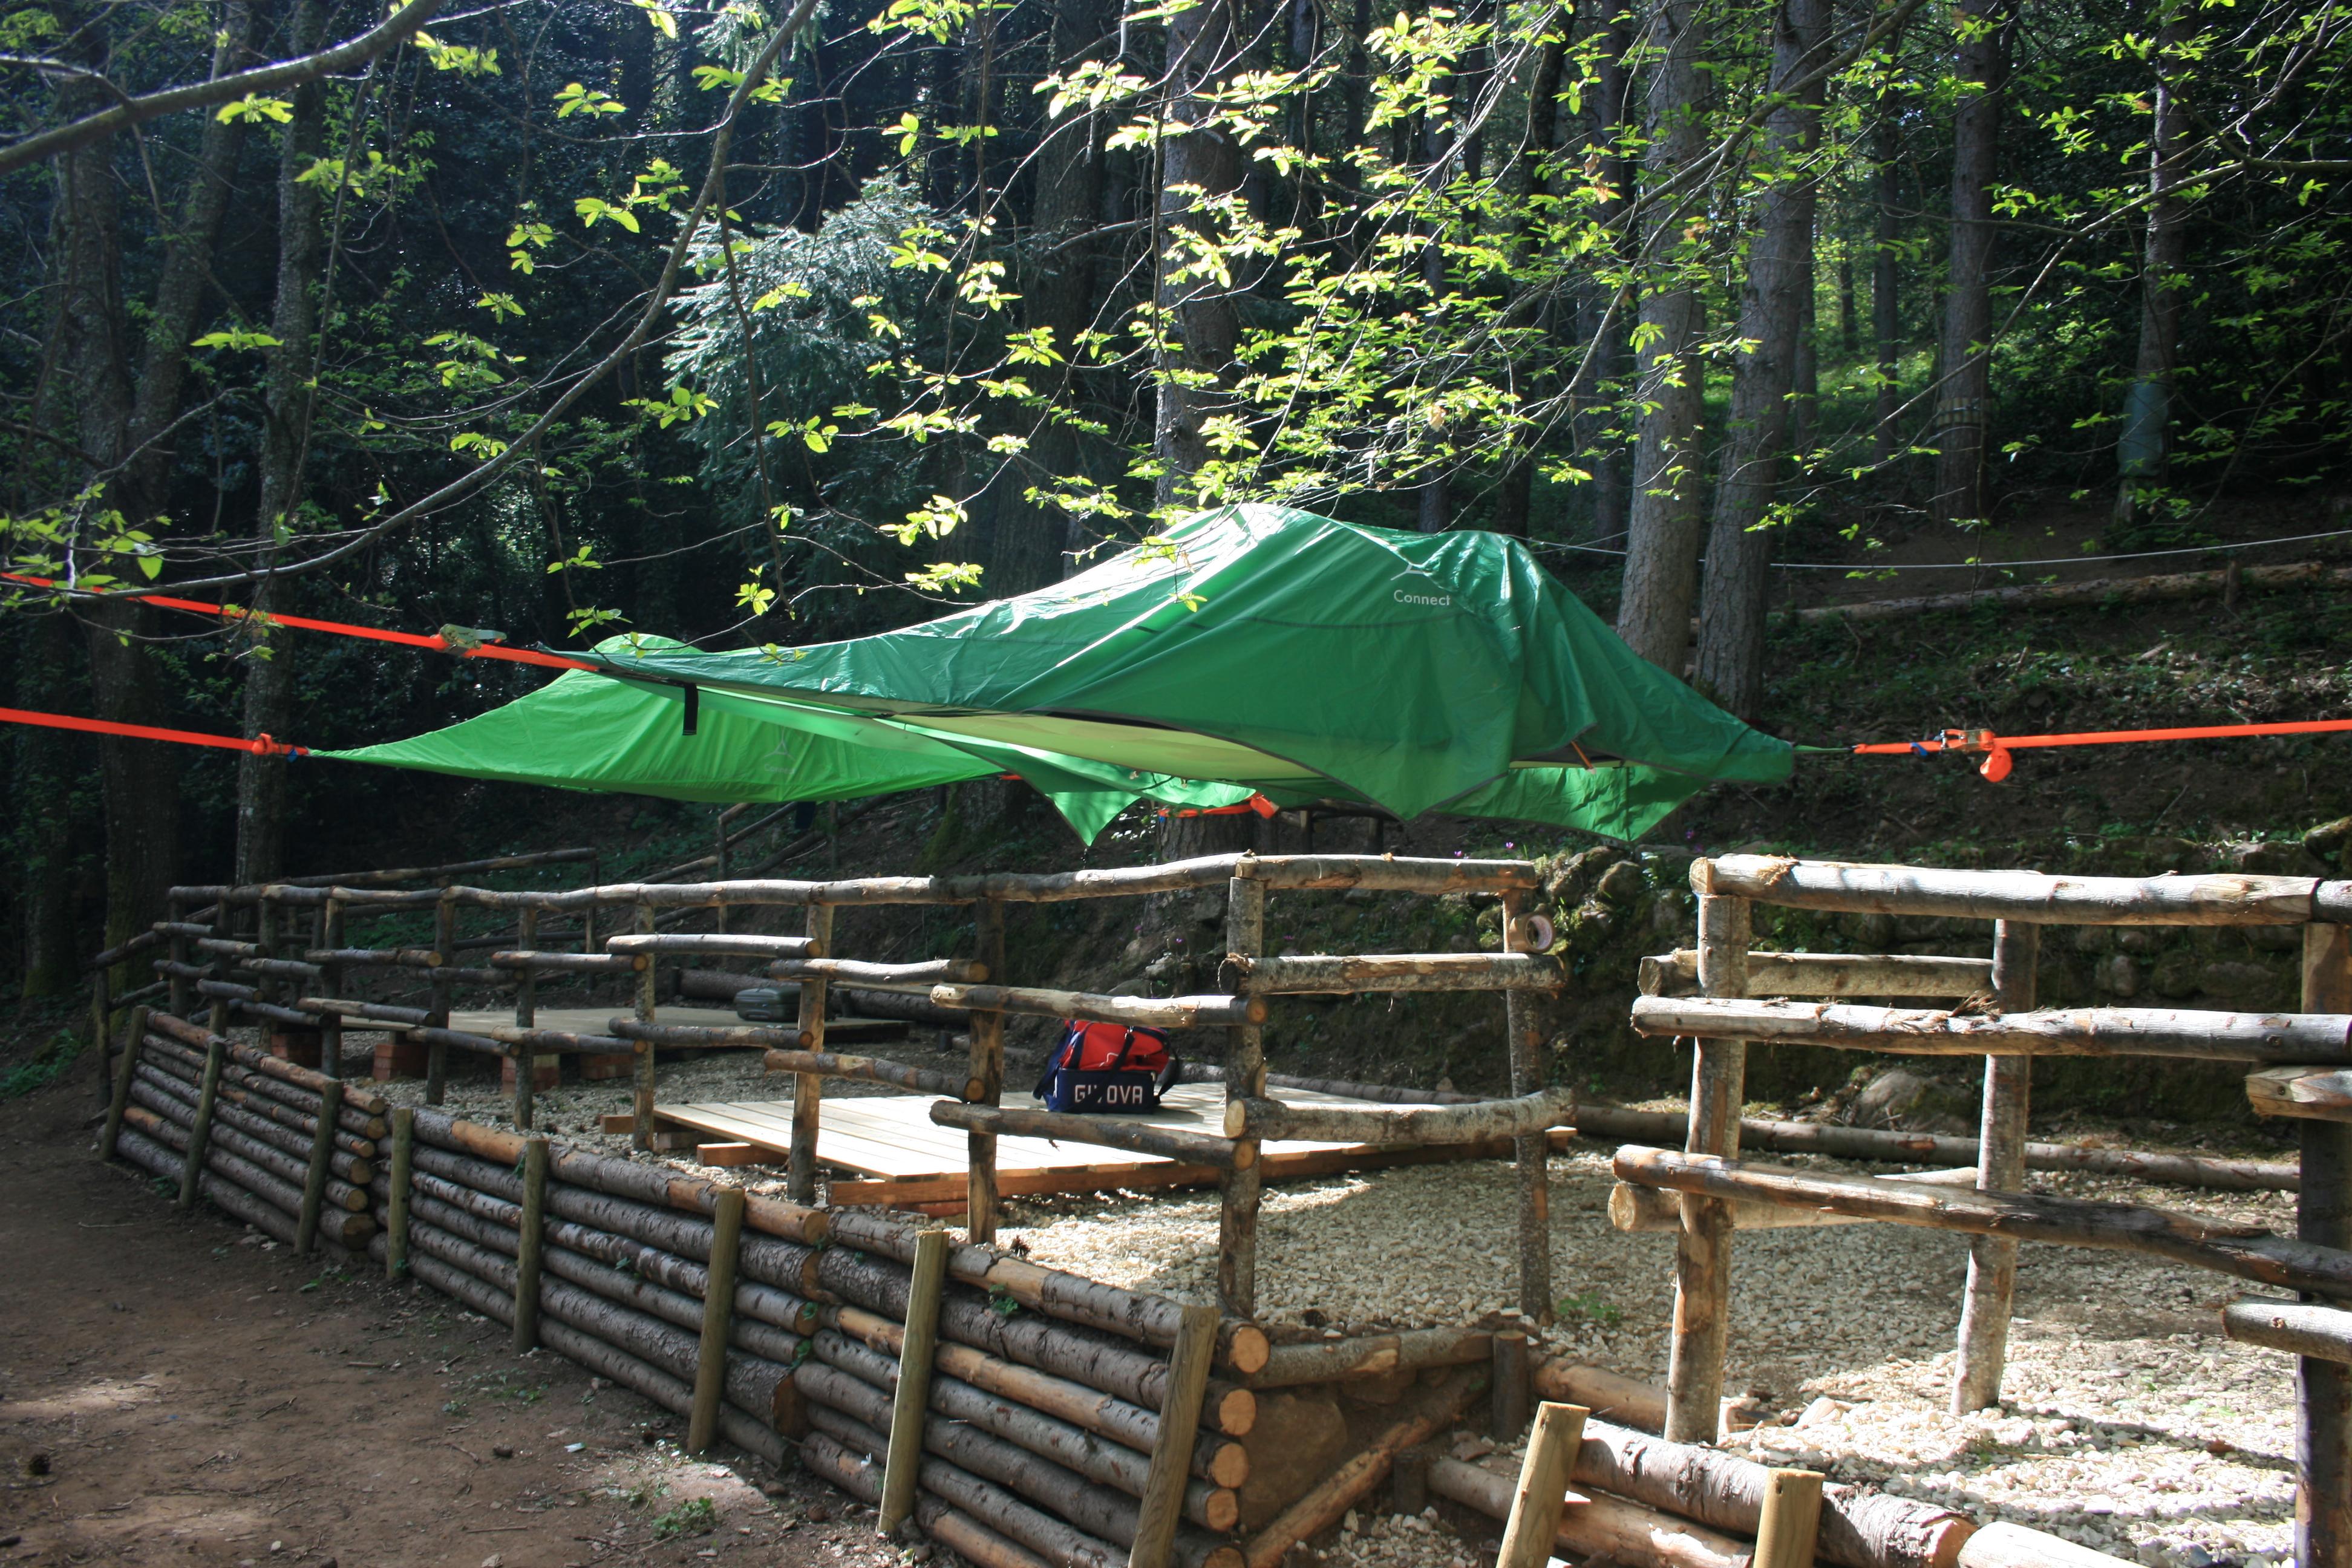 Tenda Semi Sospesa a 1,5m